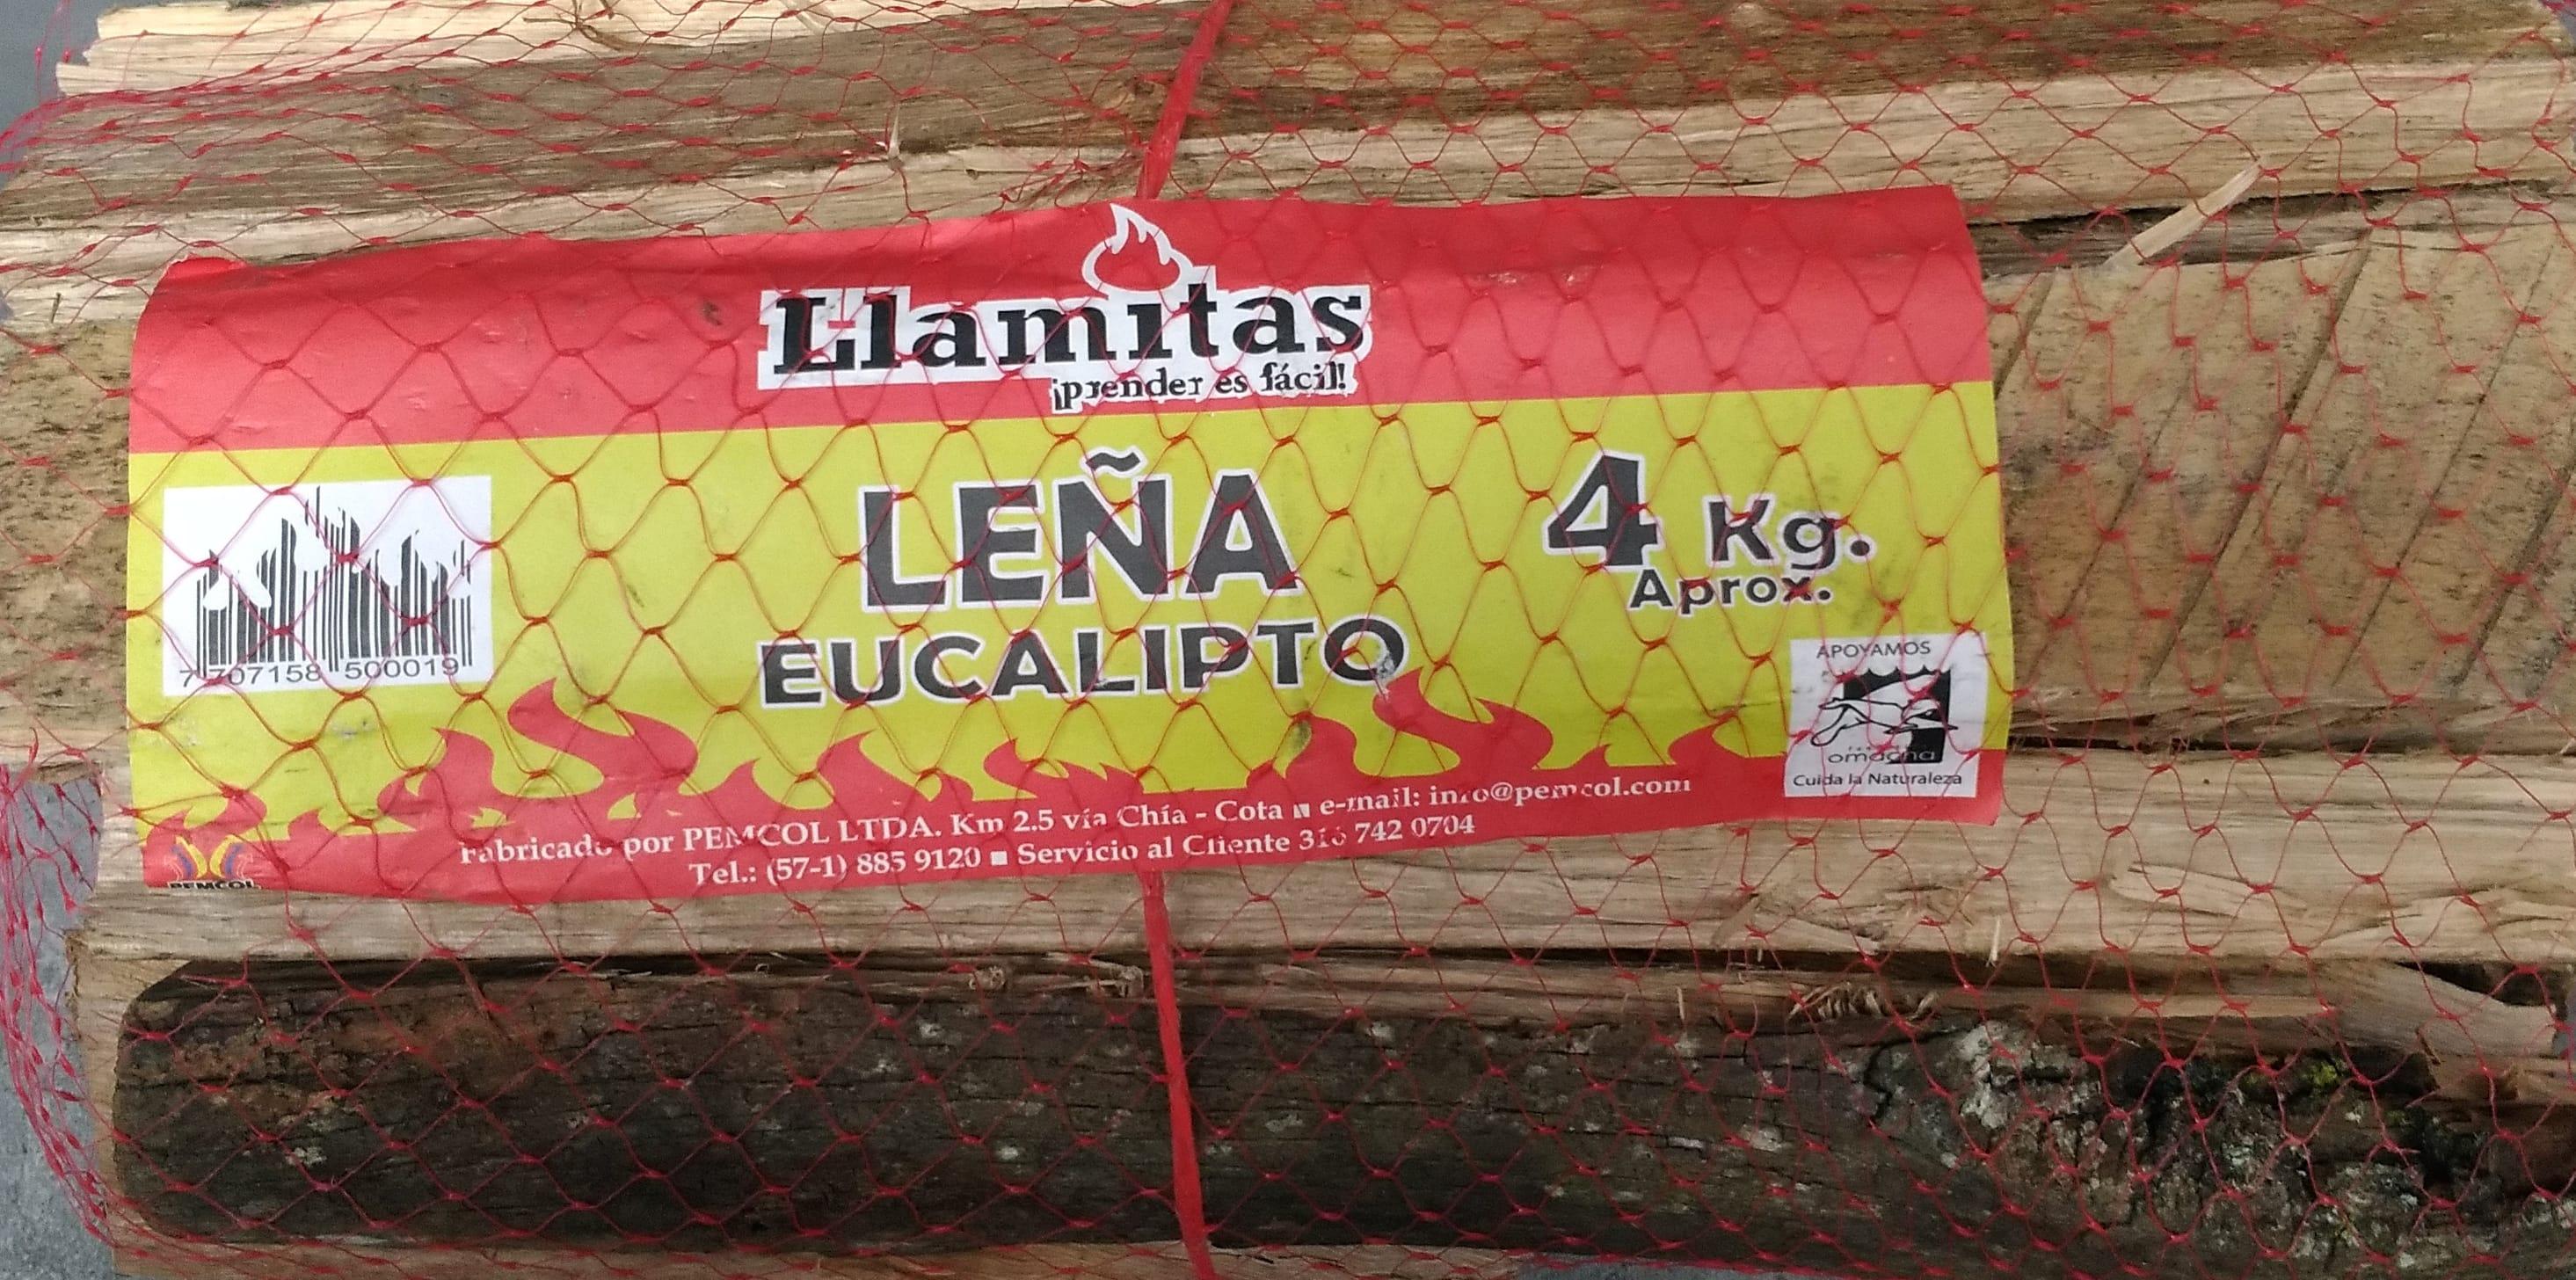 Leña Llamitas Eucalipto 4k